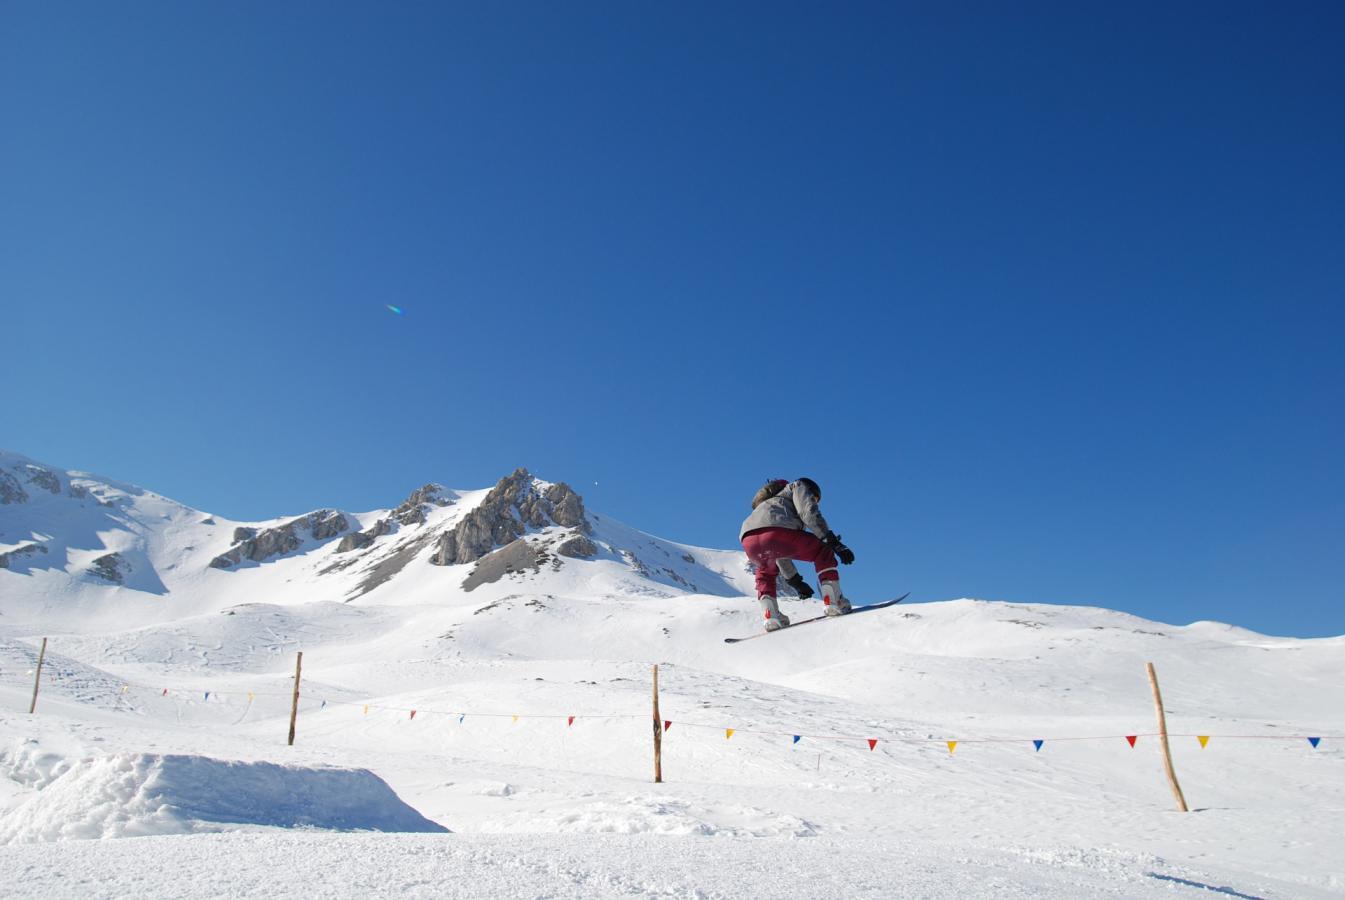 Quelles stations choisir pour faire du snowboard ?